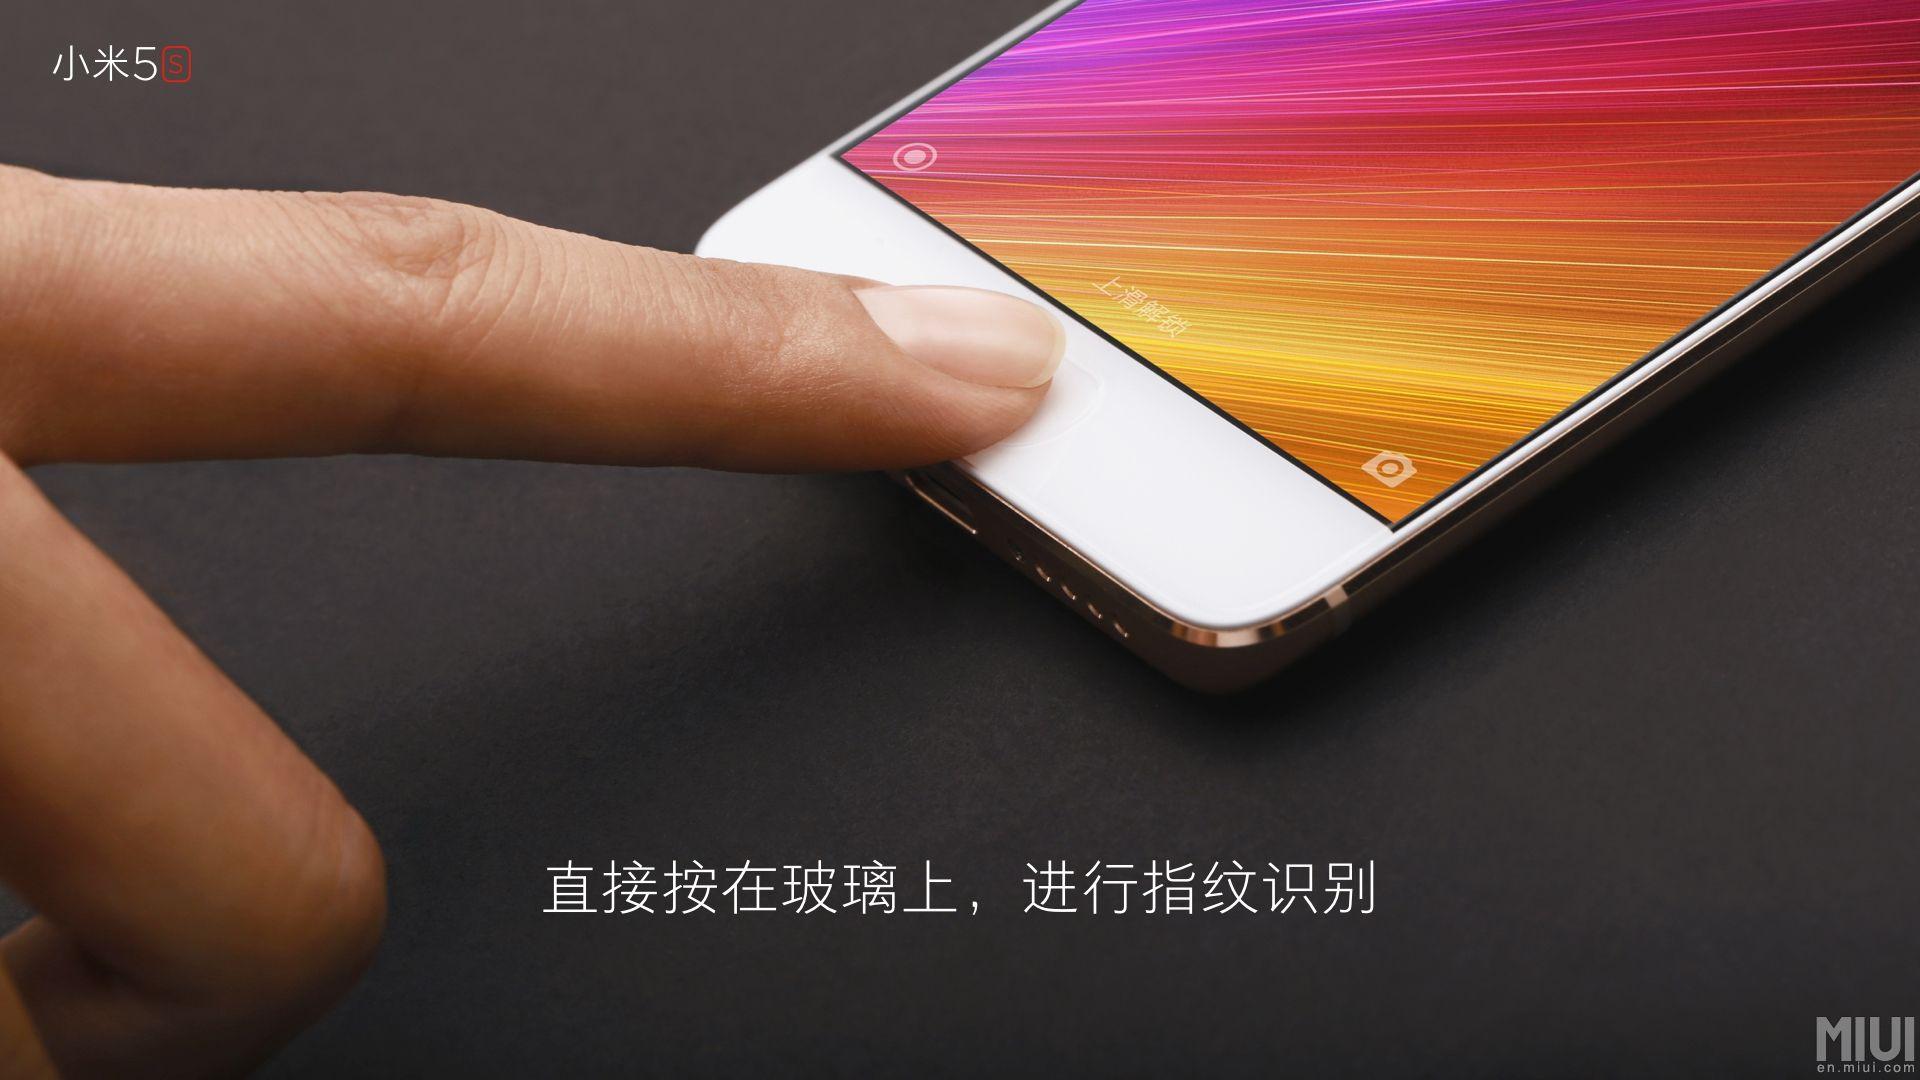 Xiaomi ci spiega perché il lettore ultrasonico di impronte di Mi 5S è visibile